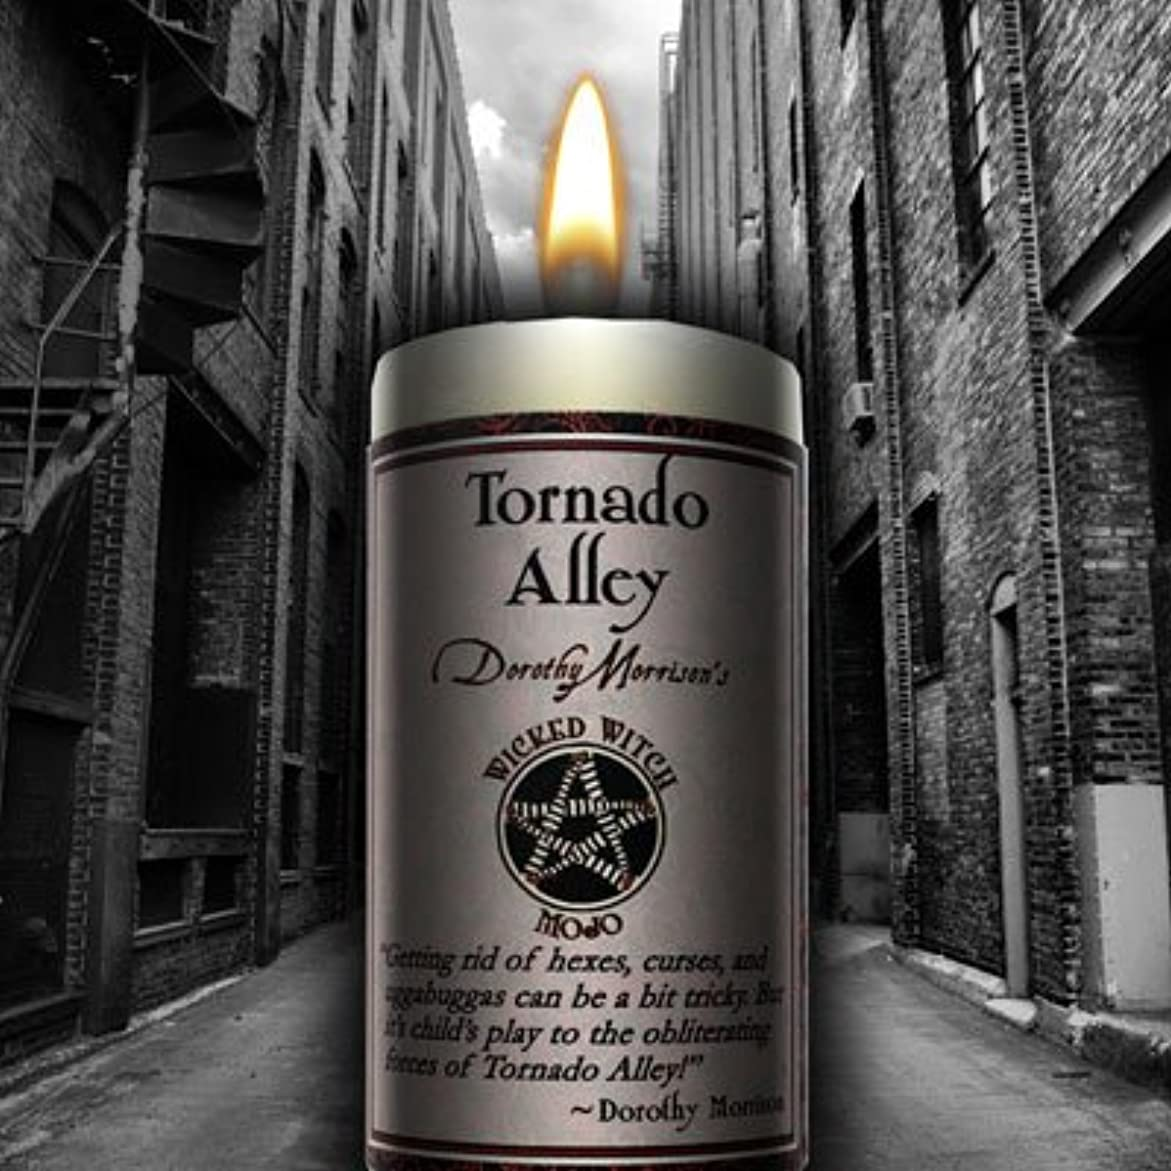 エッセイ作曲する契約したWicked Witch Mojo Tornado Alley Candle by Dorothy Morrison